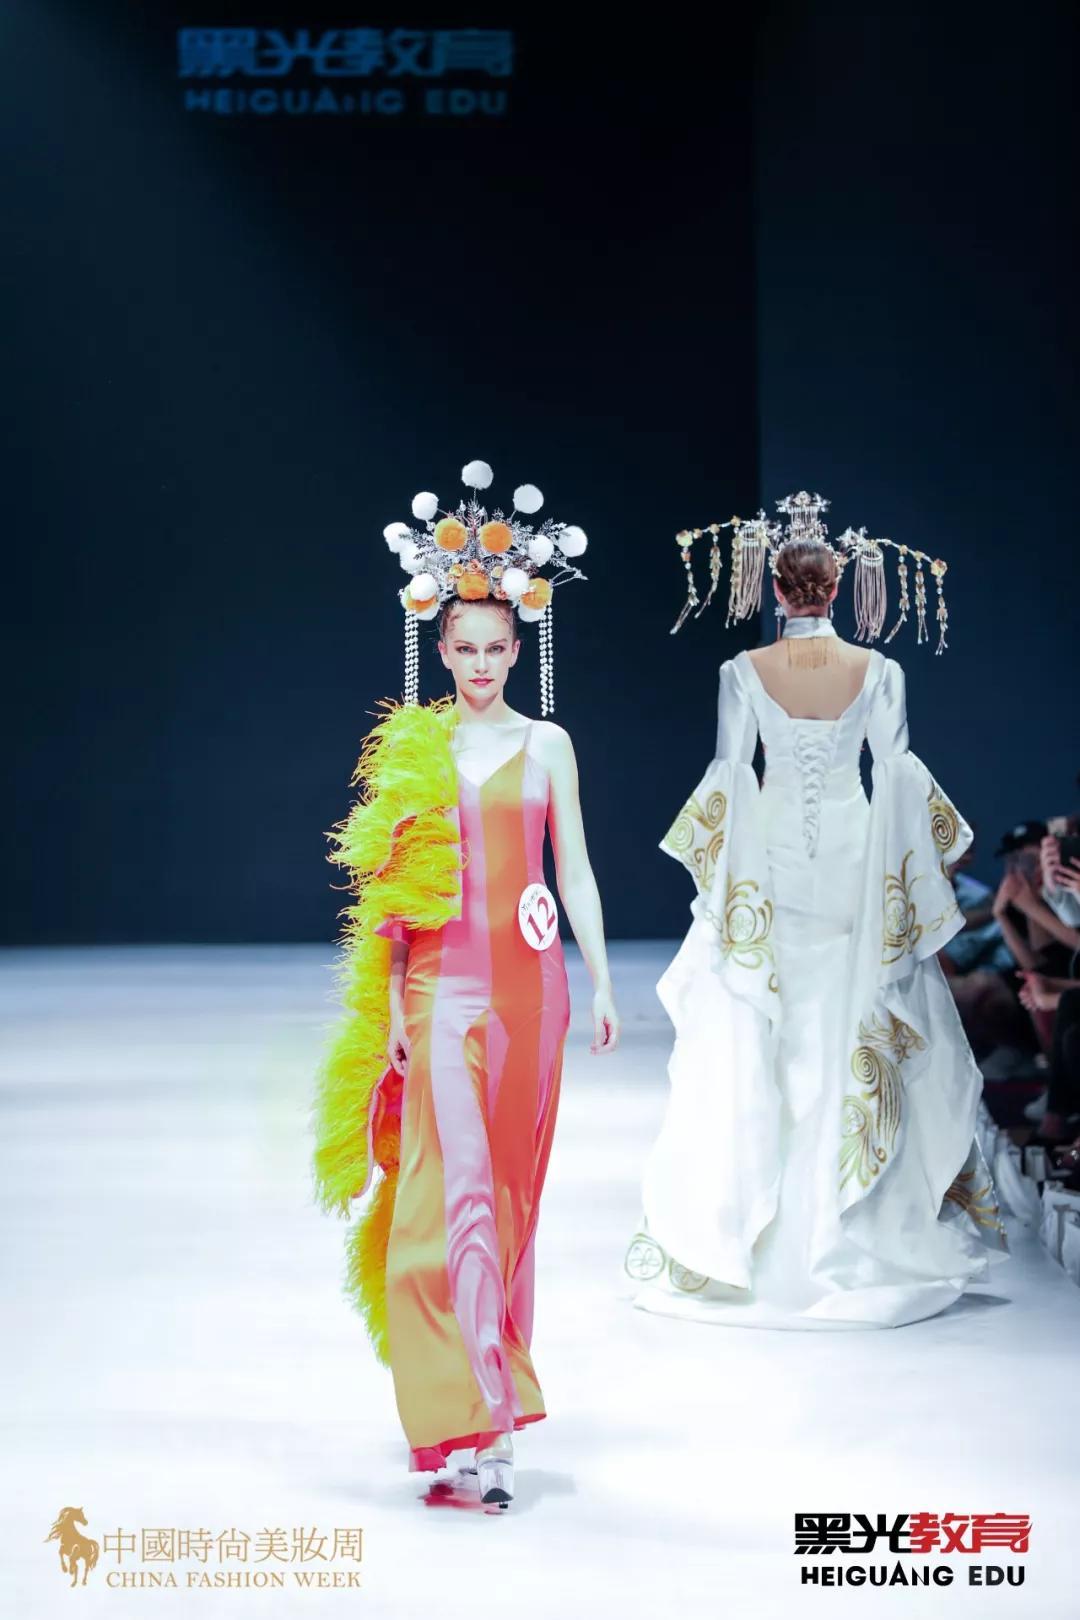 中国形象设计大赛